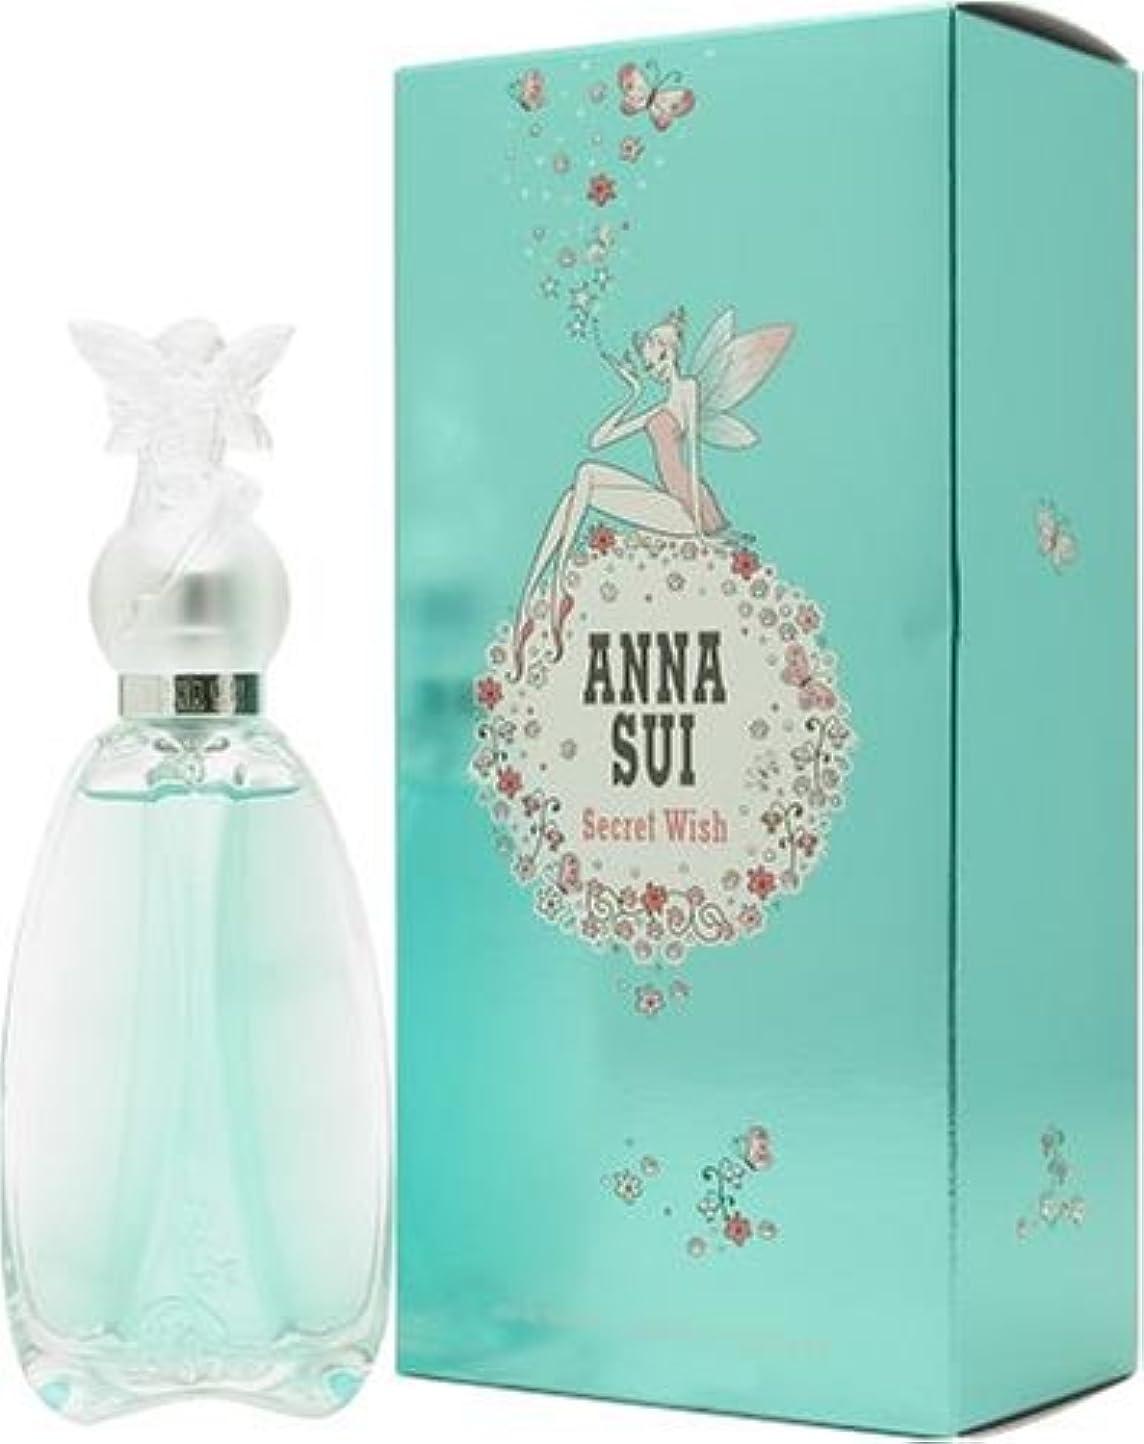 それぞれカフェテリアもアナスイ ANNA SUI シークレット ウィッシュ オードトワレ EDT 30mL 香水